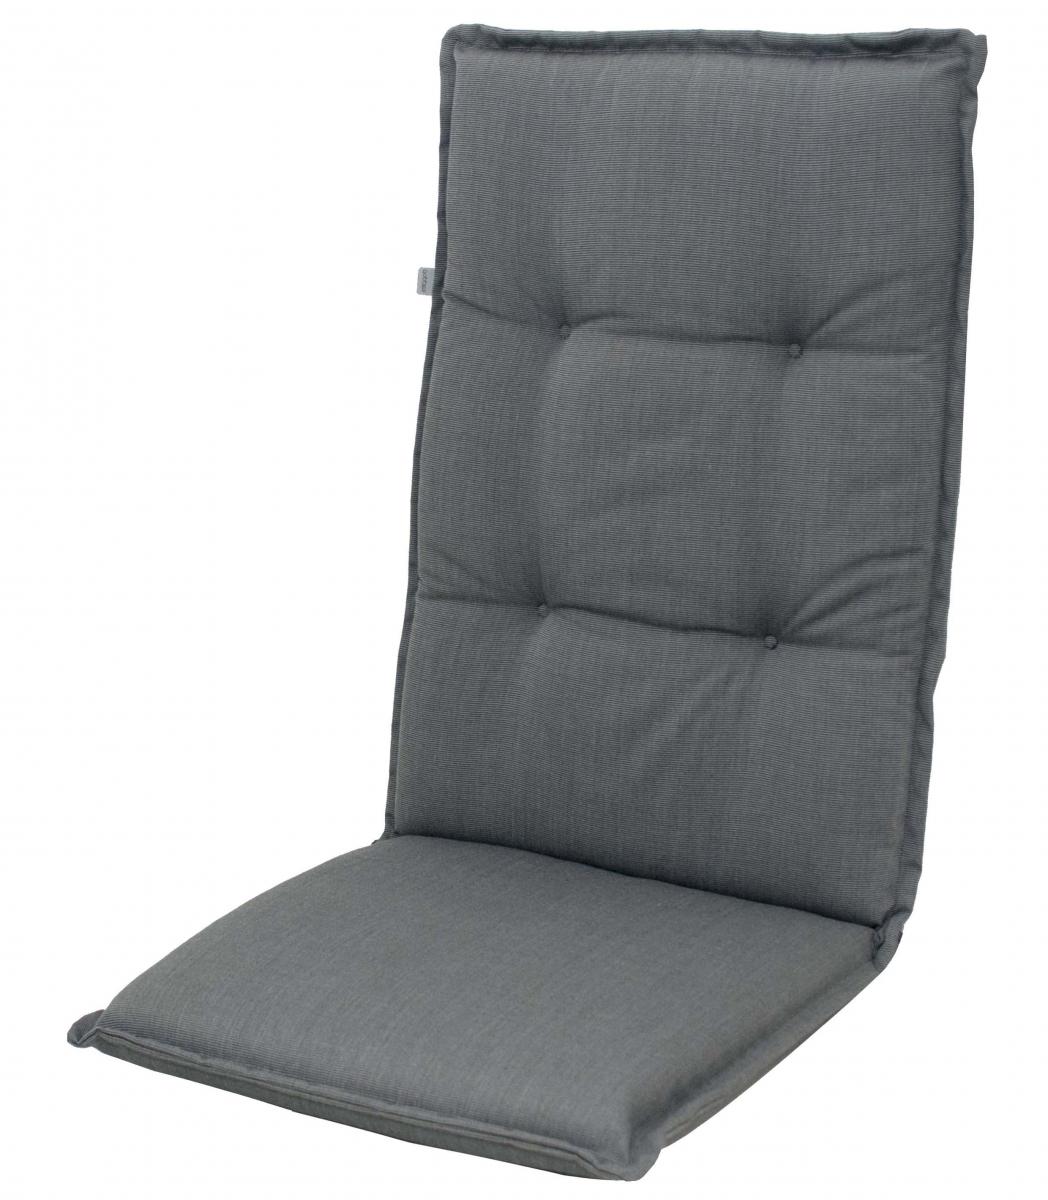 Polstr Doppler Comfort 3301 s vysokou opěrkou